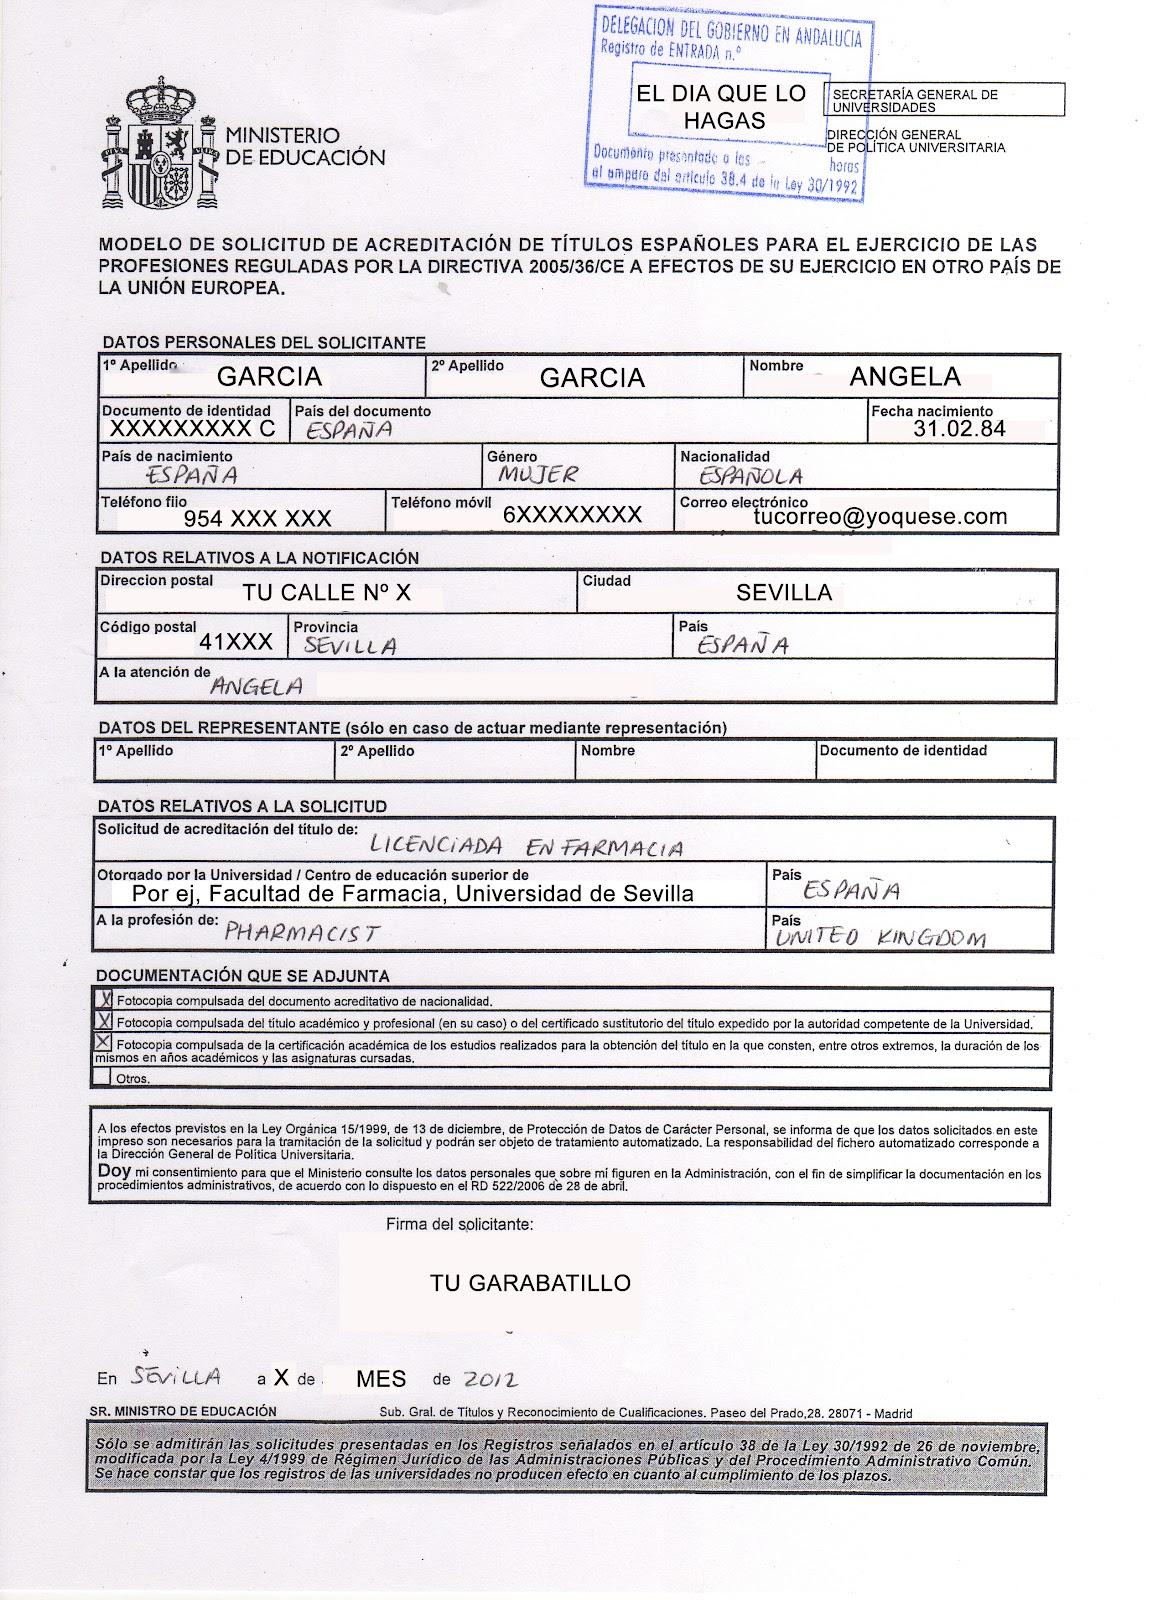 6 compliance with directives una farmaceutica en uk for Notificacion ministerio del interior